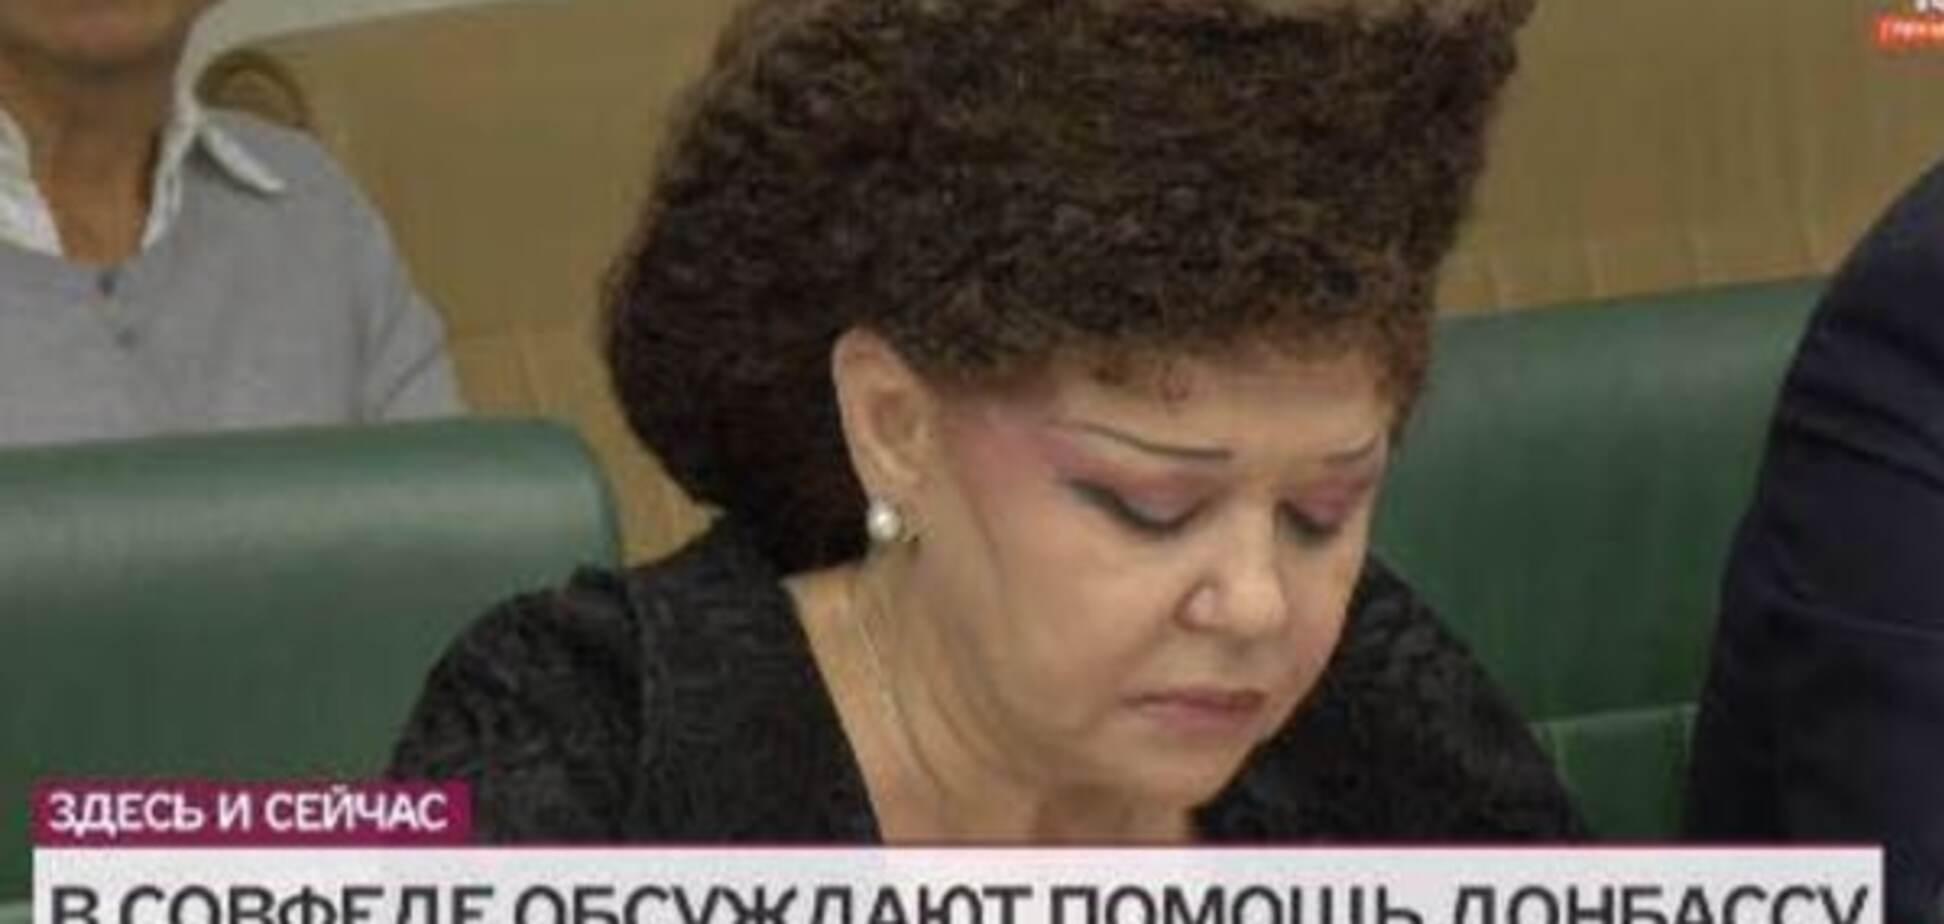 Кокошник врос в голову: соцсети в шоке от прически члена комитета Совфеда. Фотофакт